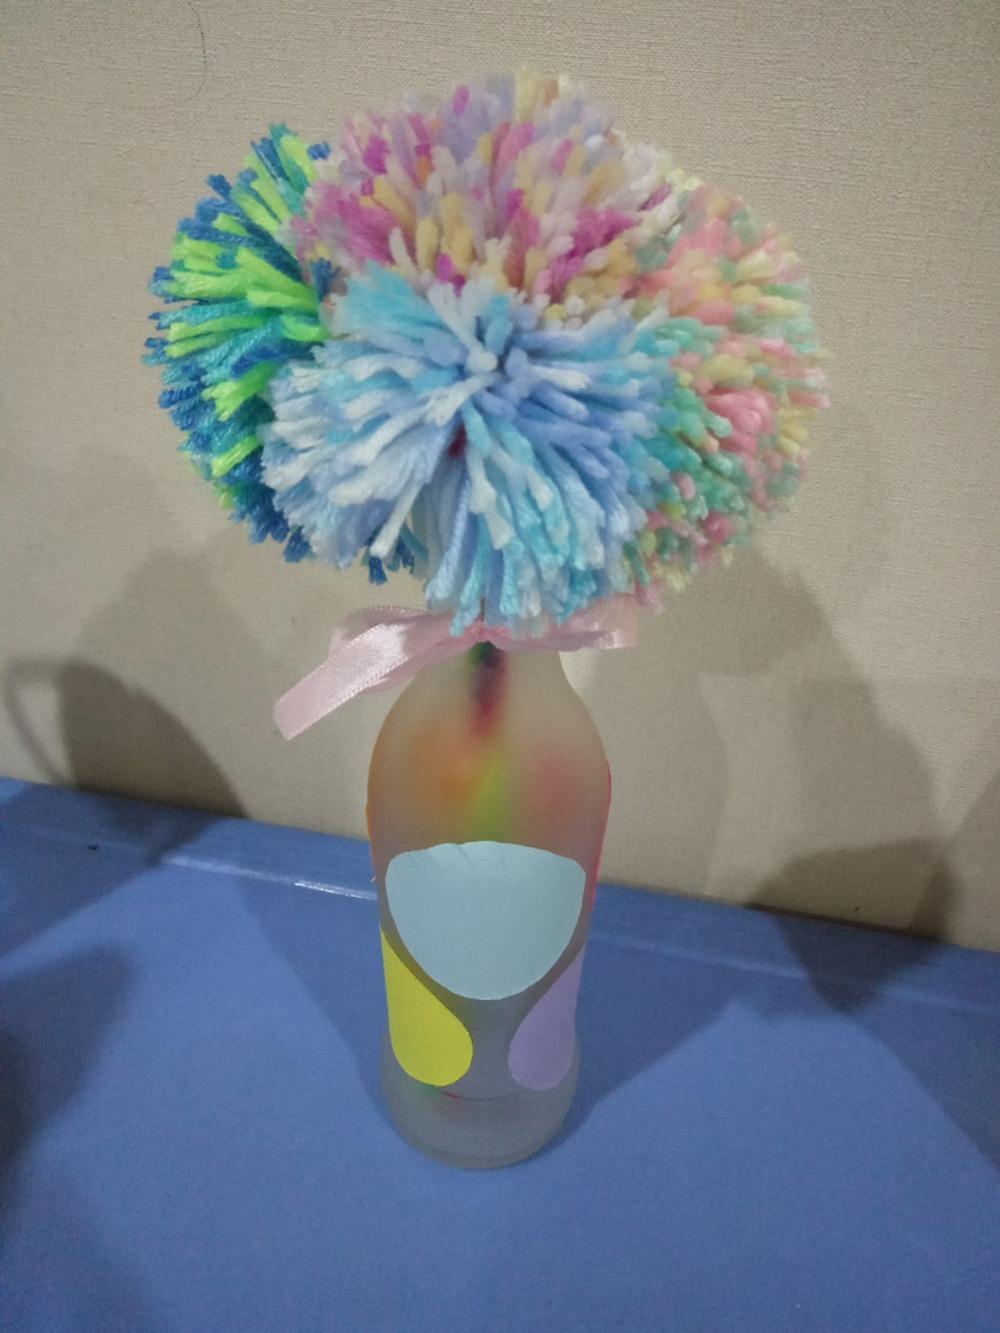 毛线球花瓶年龄段[4~5]